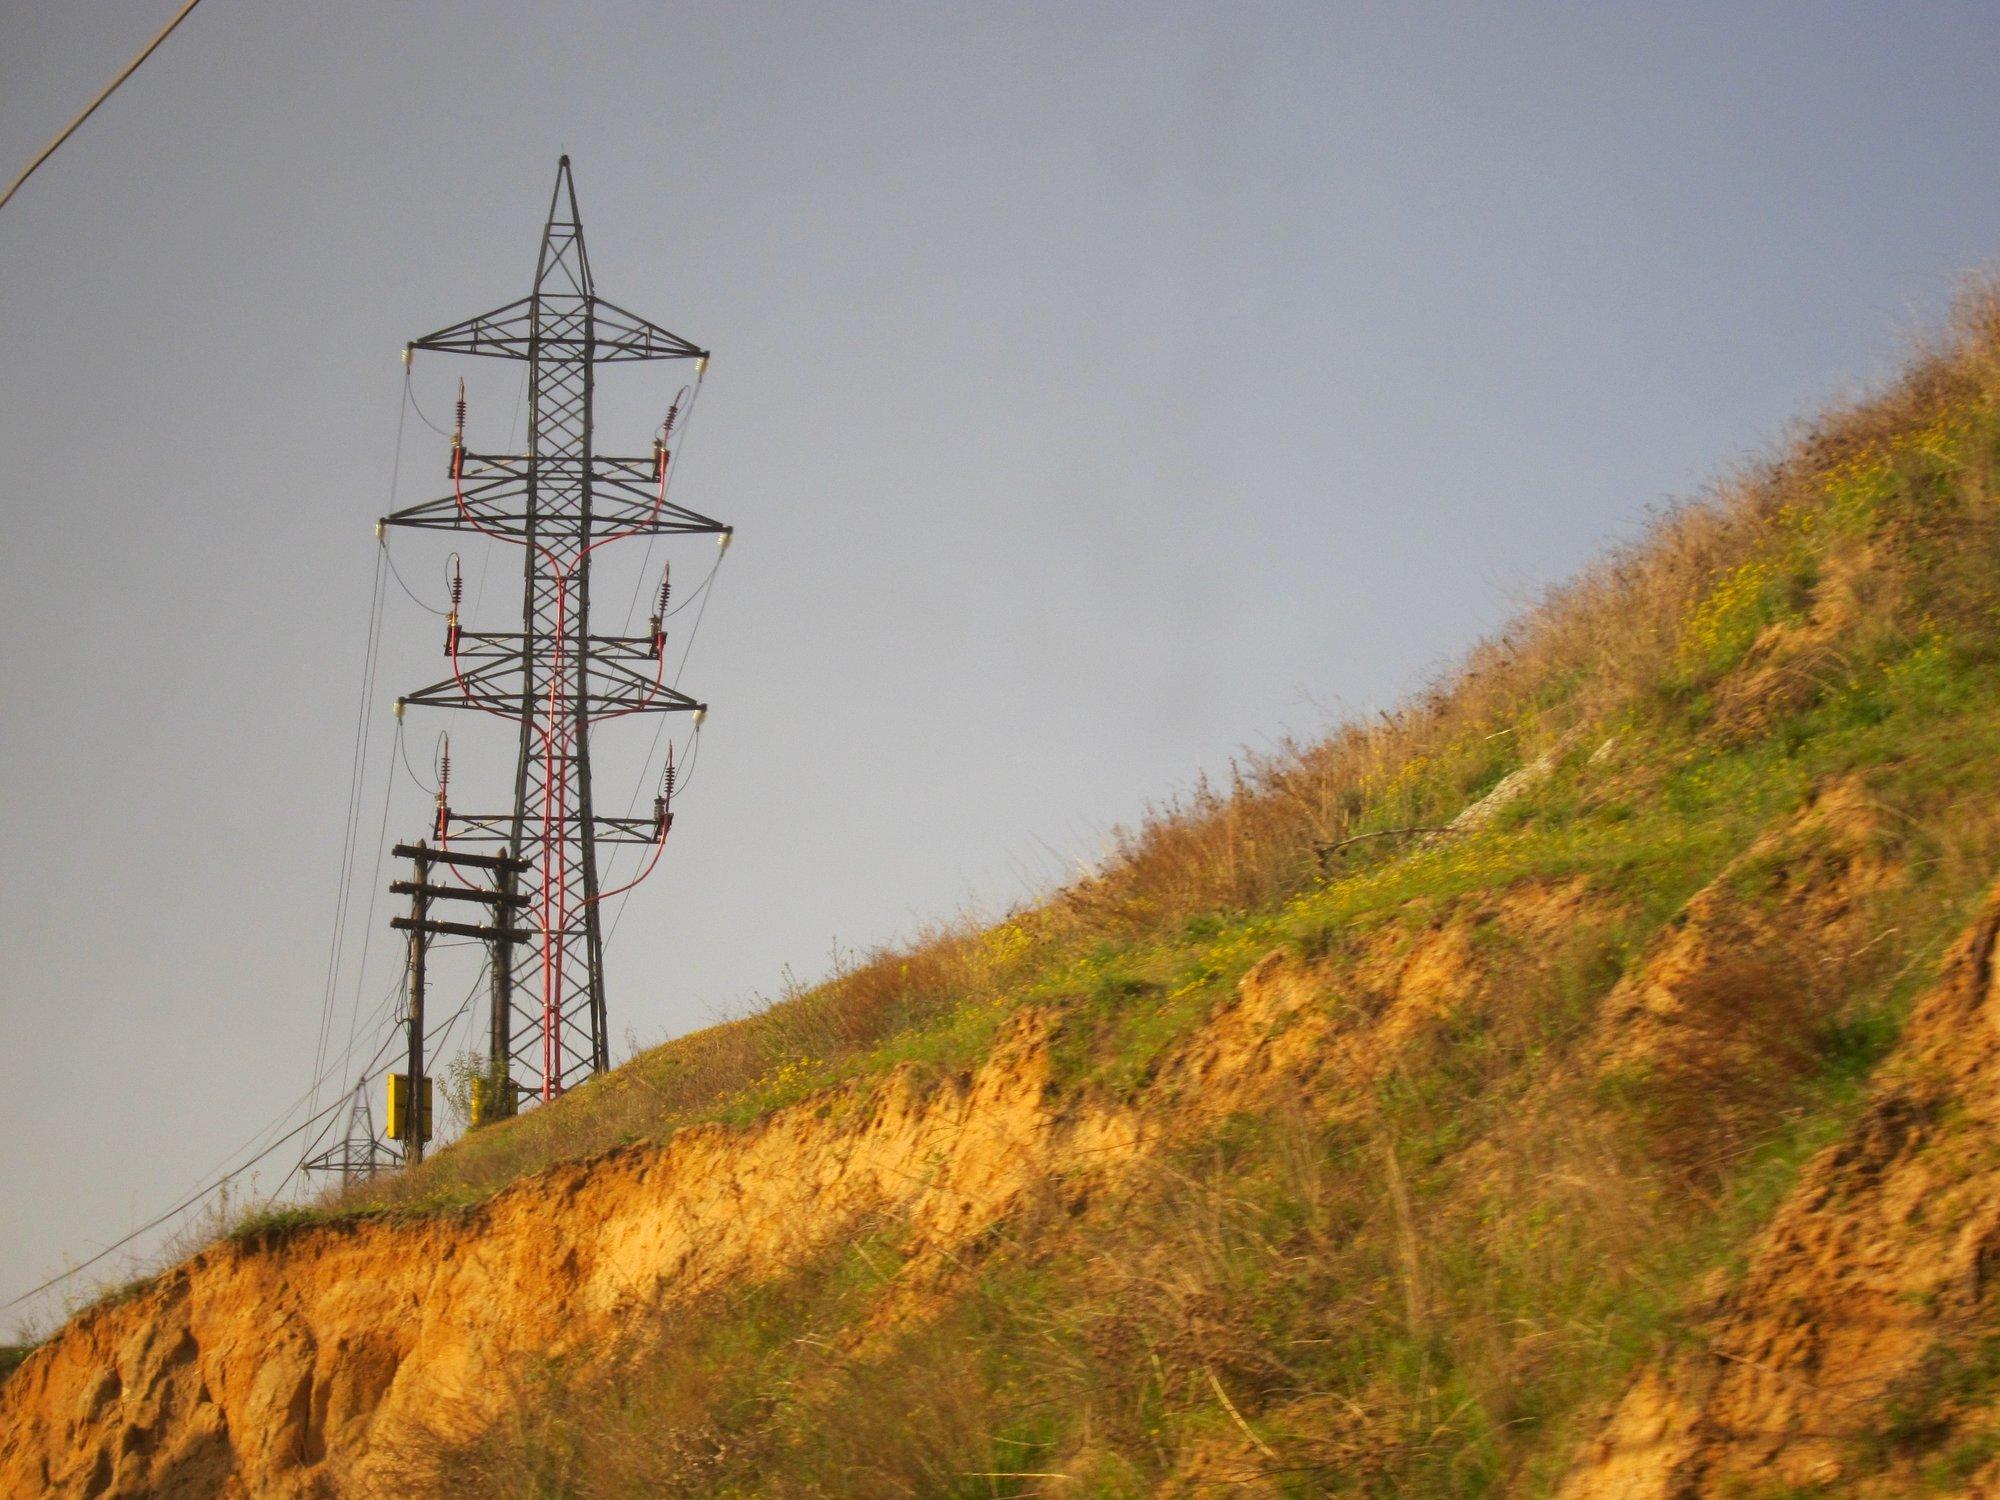 El TSJC establece en 10 millones de euros la sanción a Red Eléctrica por el apagón de 2007